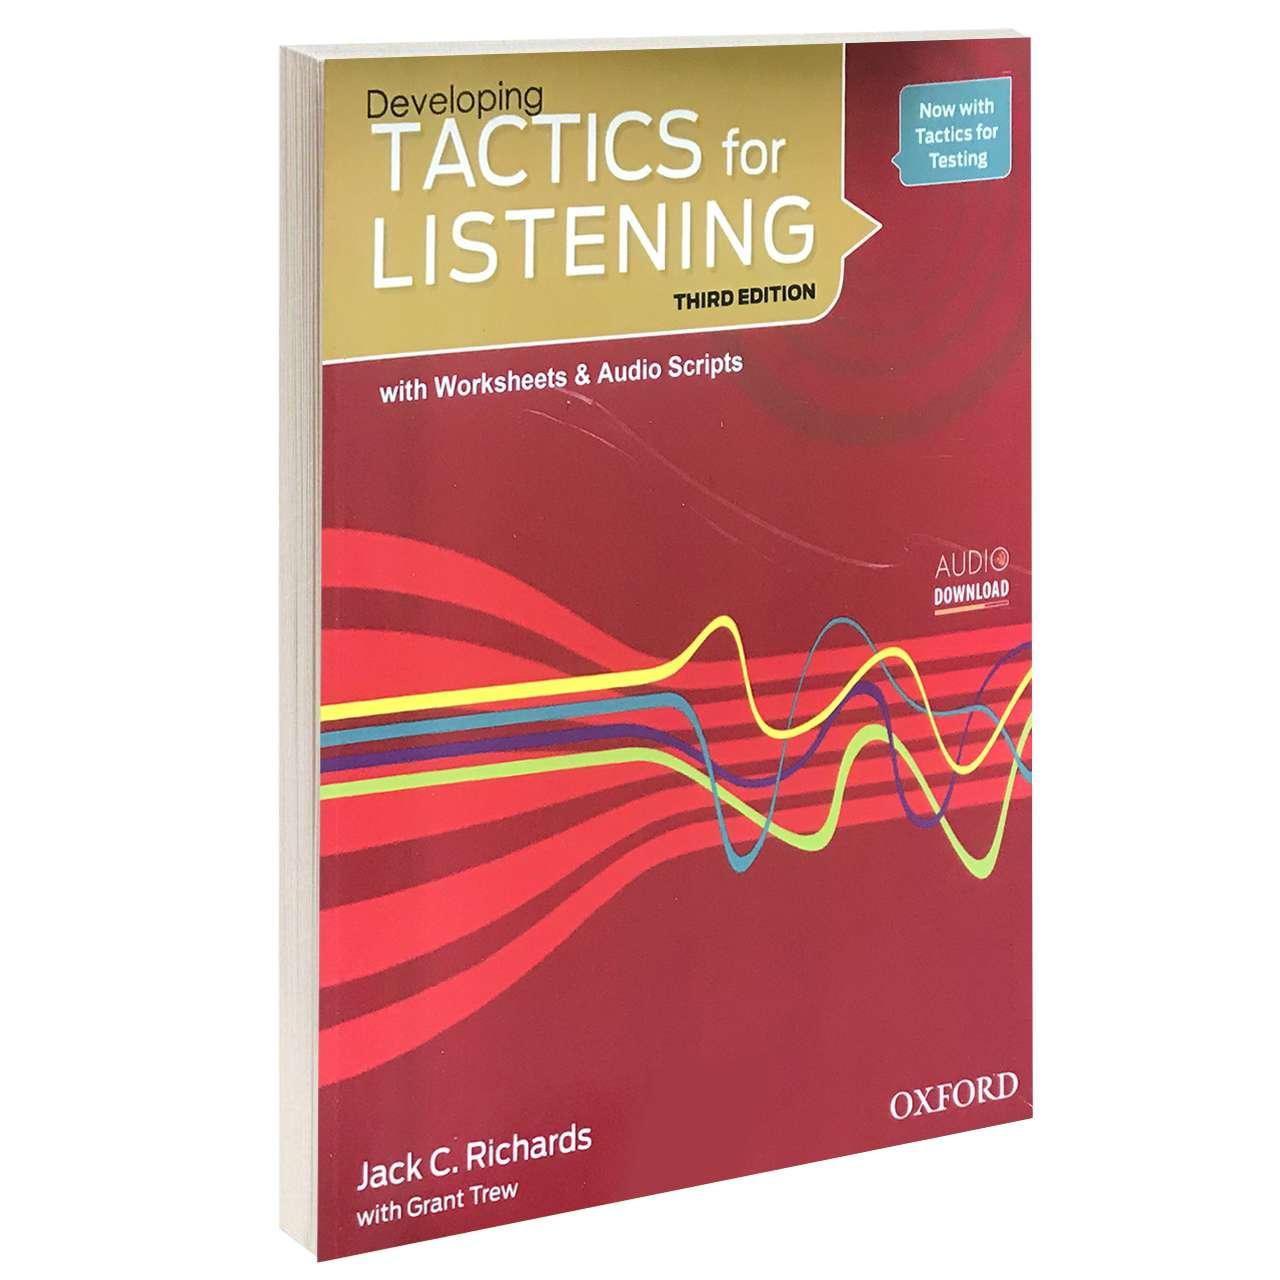 خرید                      کتاب TACTICS for LISTENING Developing اثر Jack C. Richards and Grant Trew انتشارات Oxford